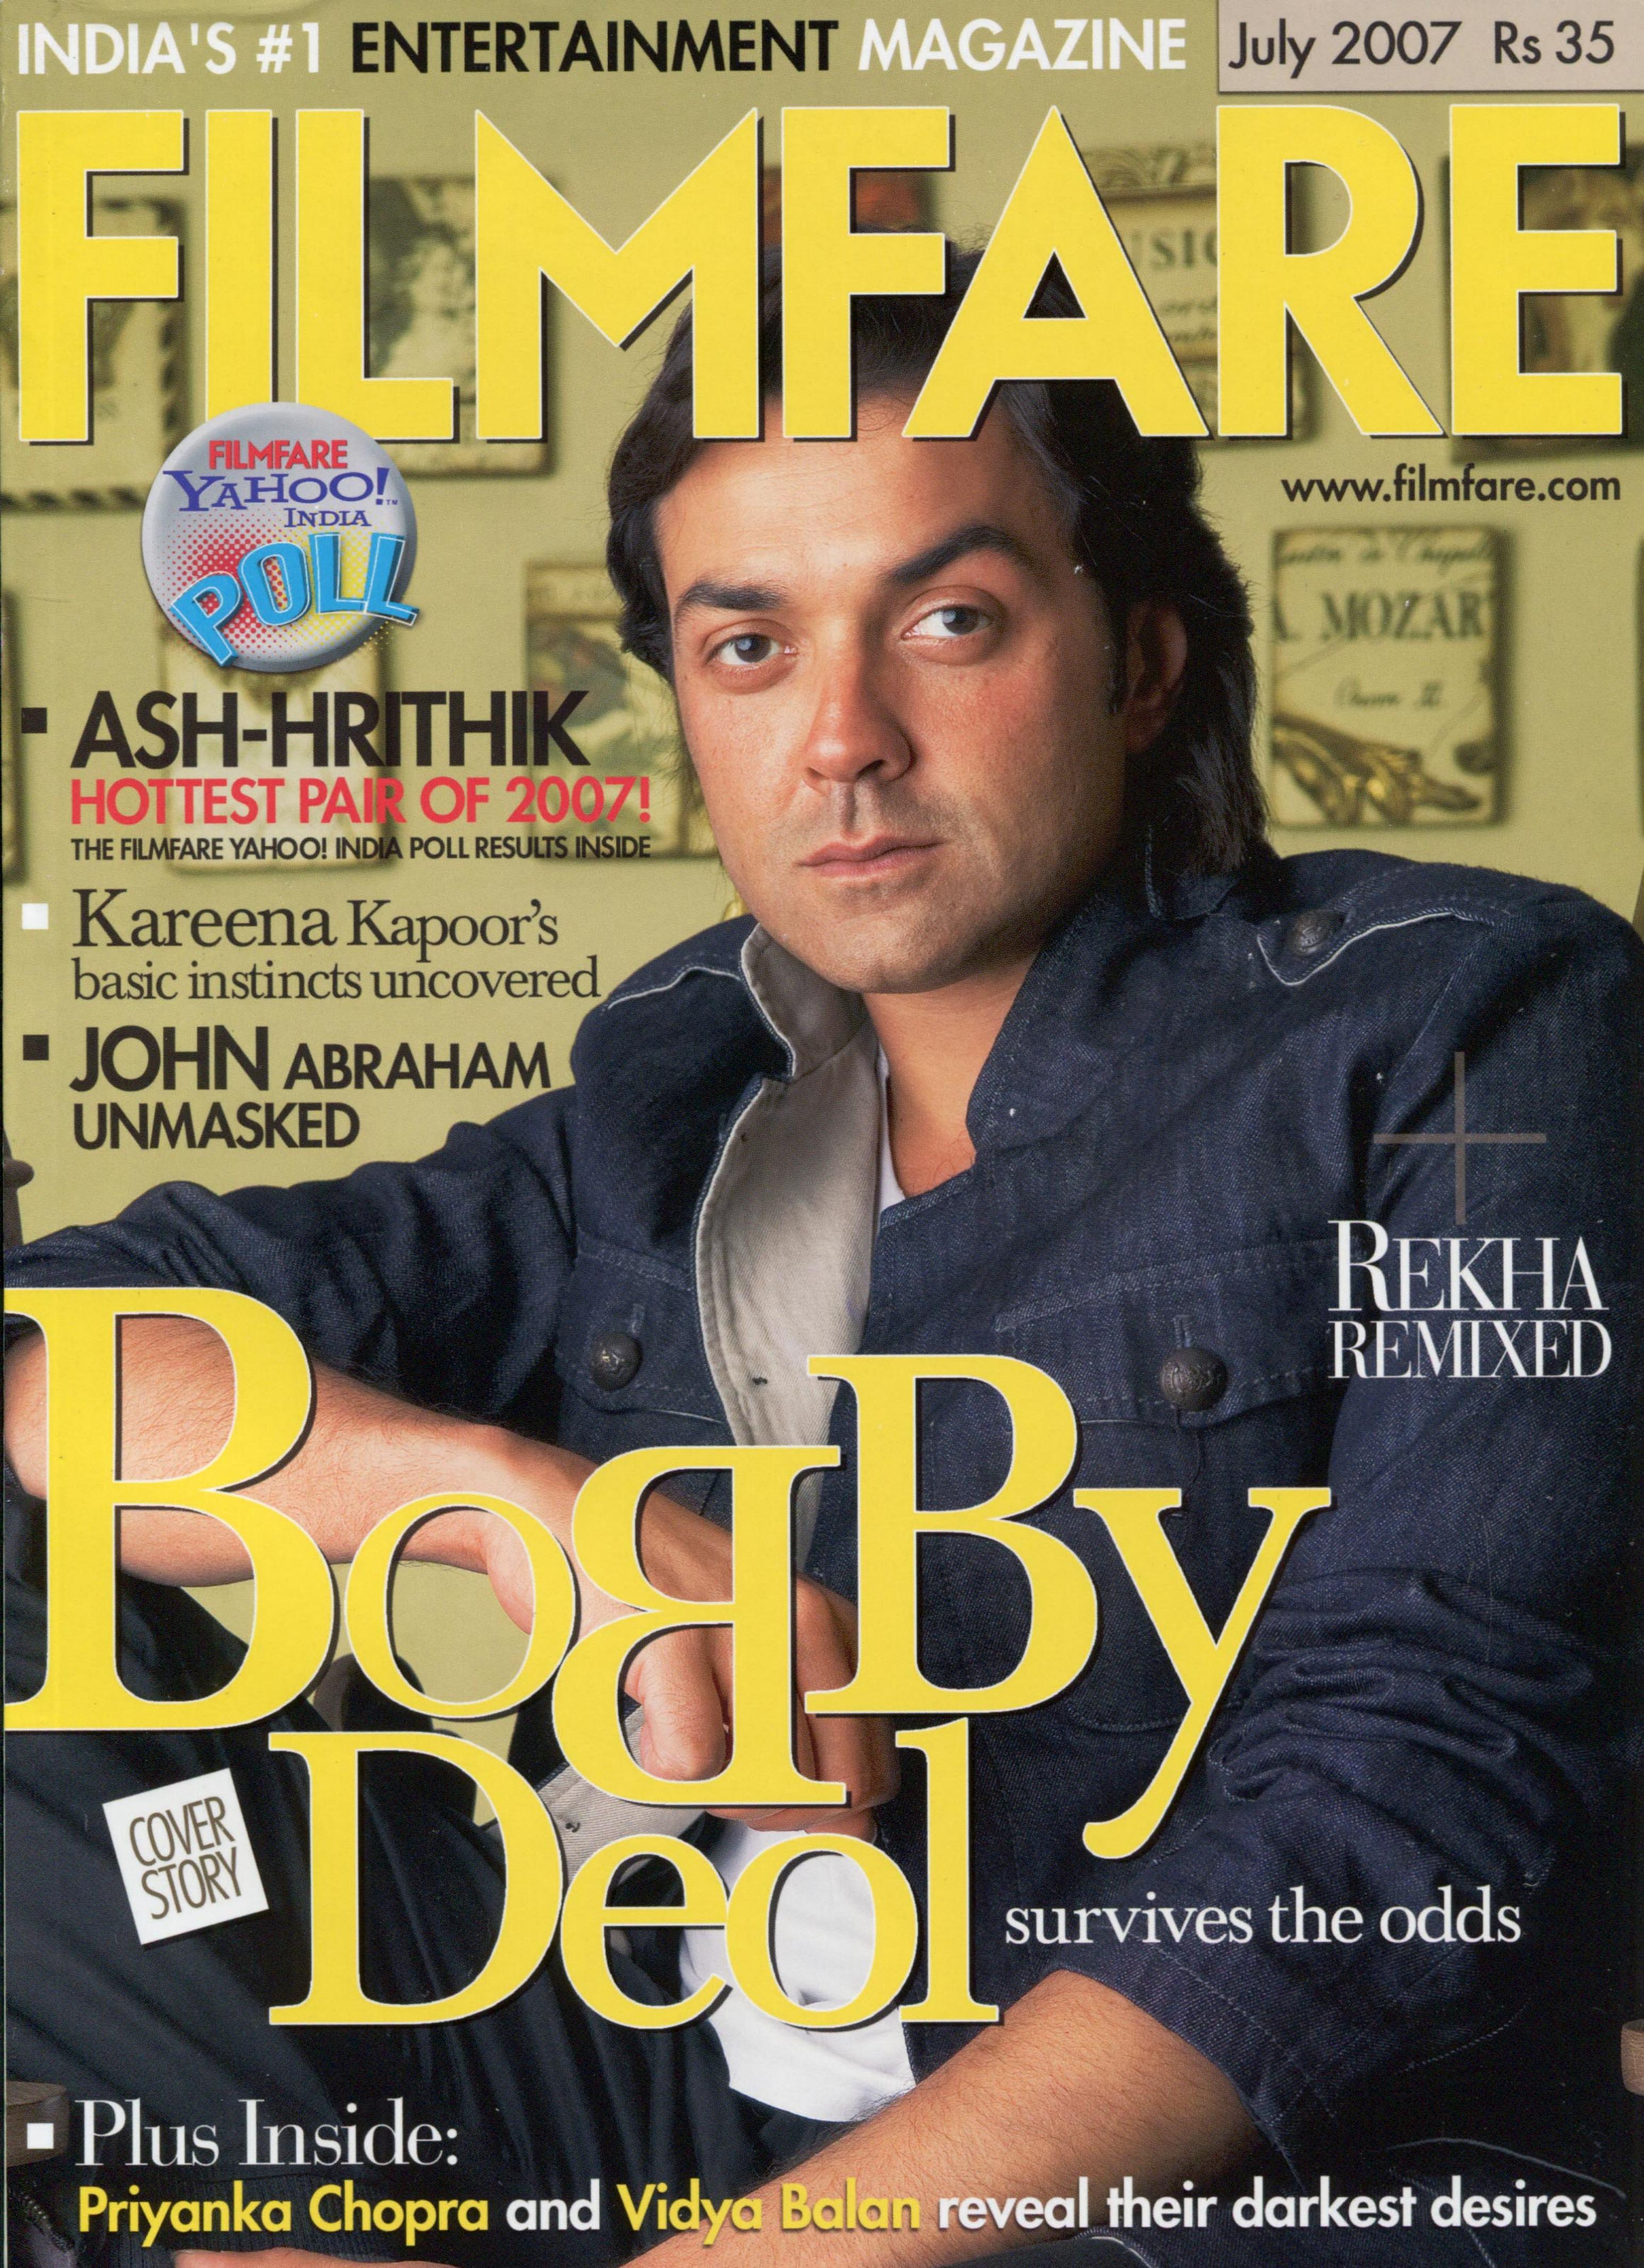 Filmfare_2007_07jpg_Page1.jpg